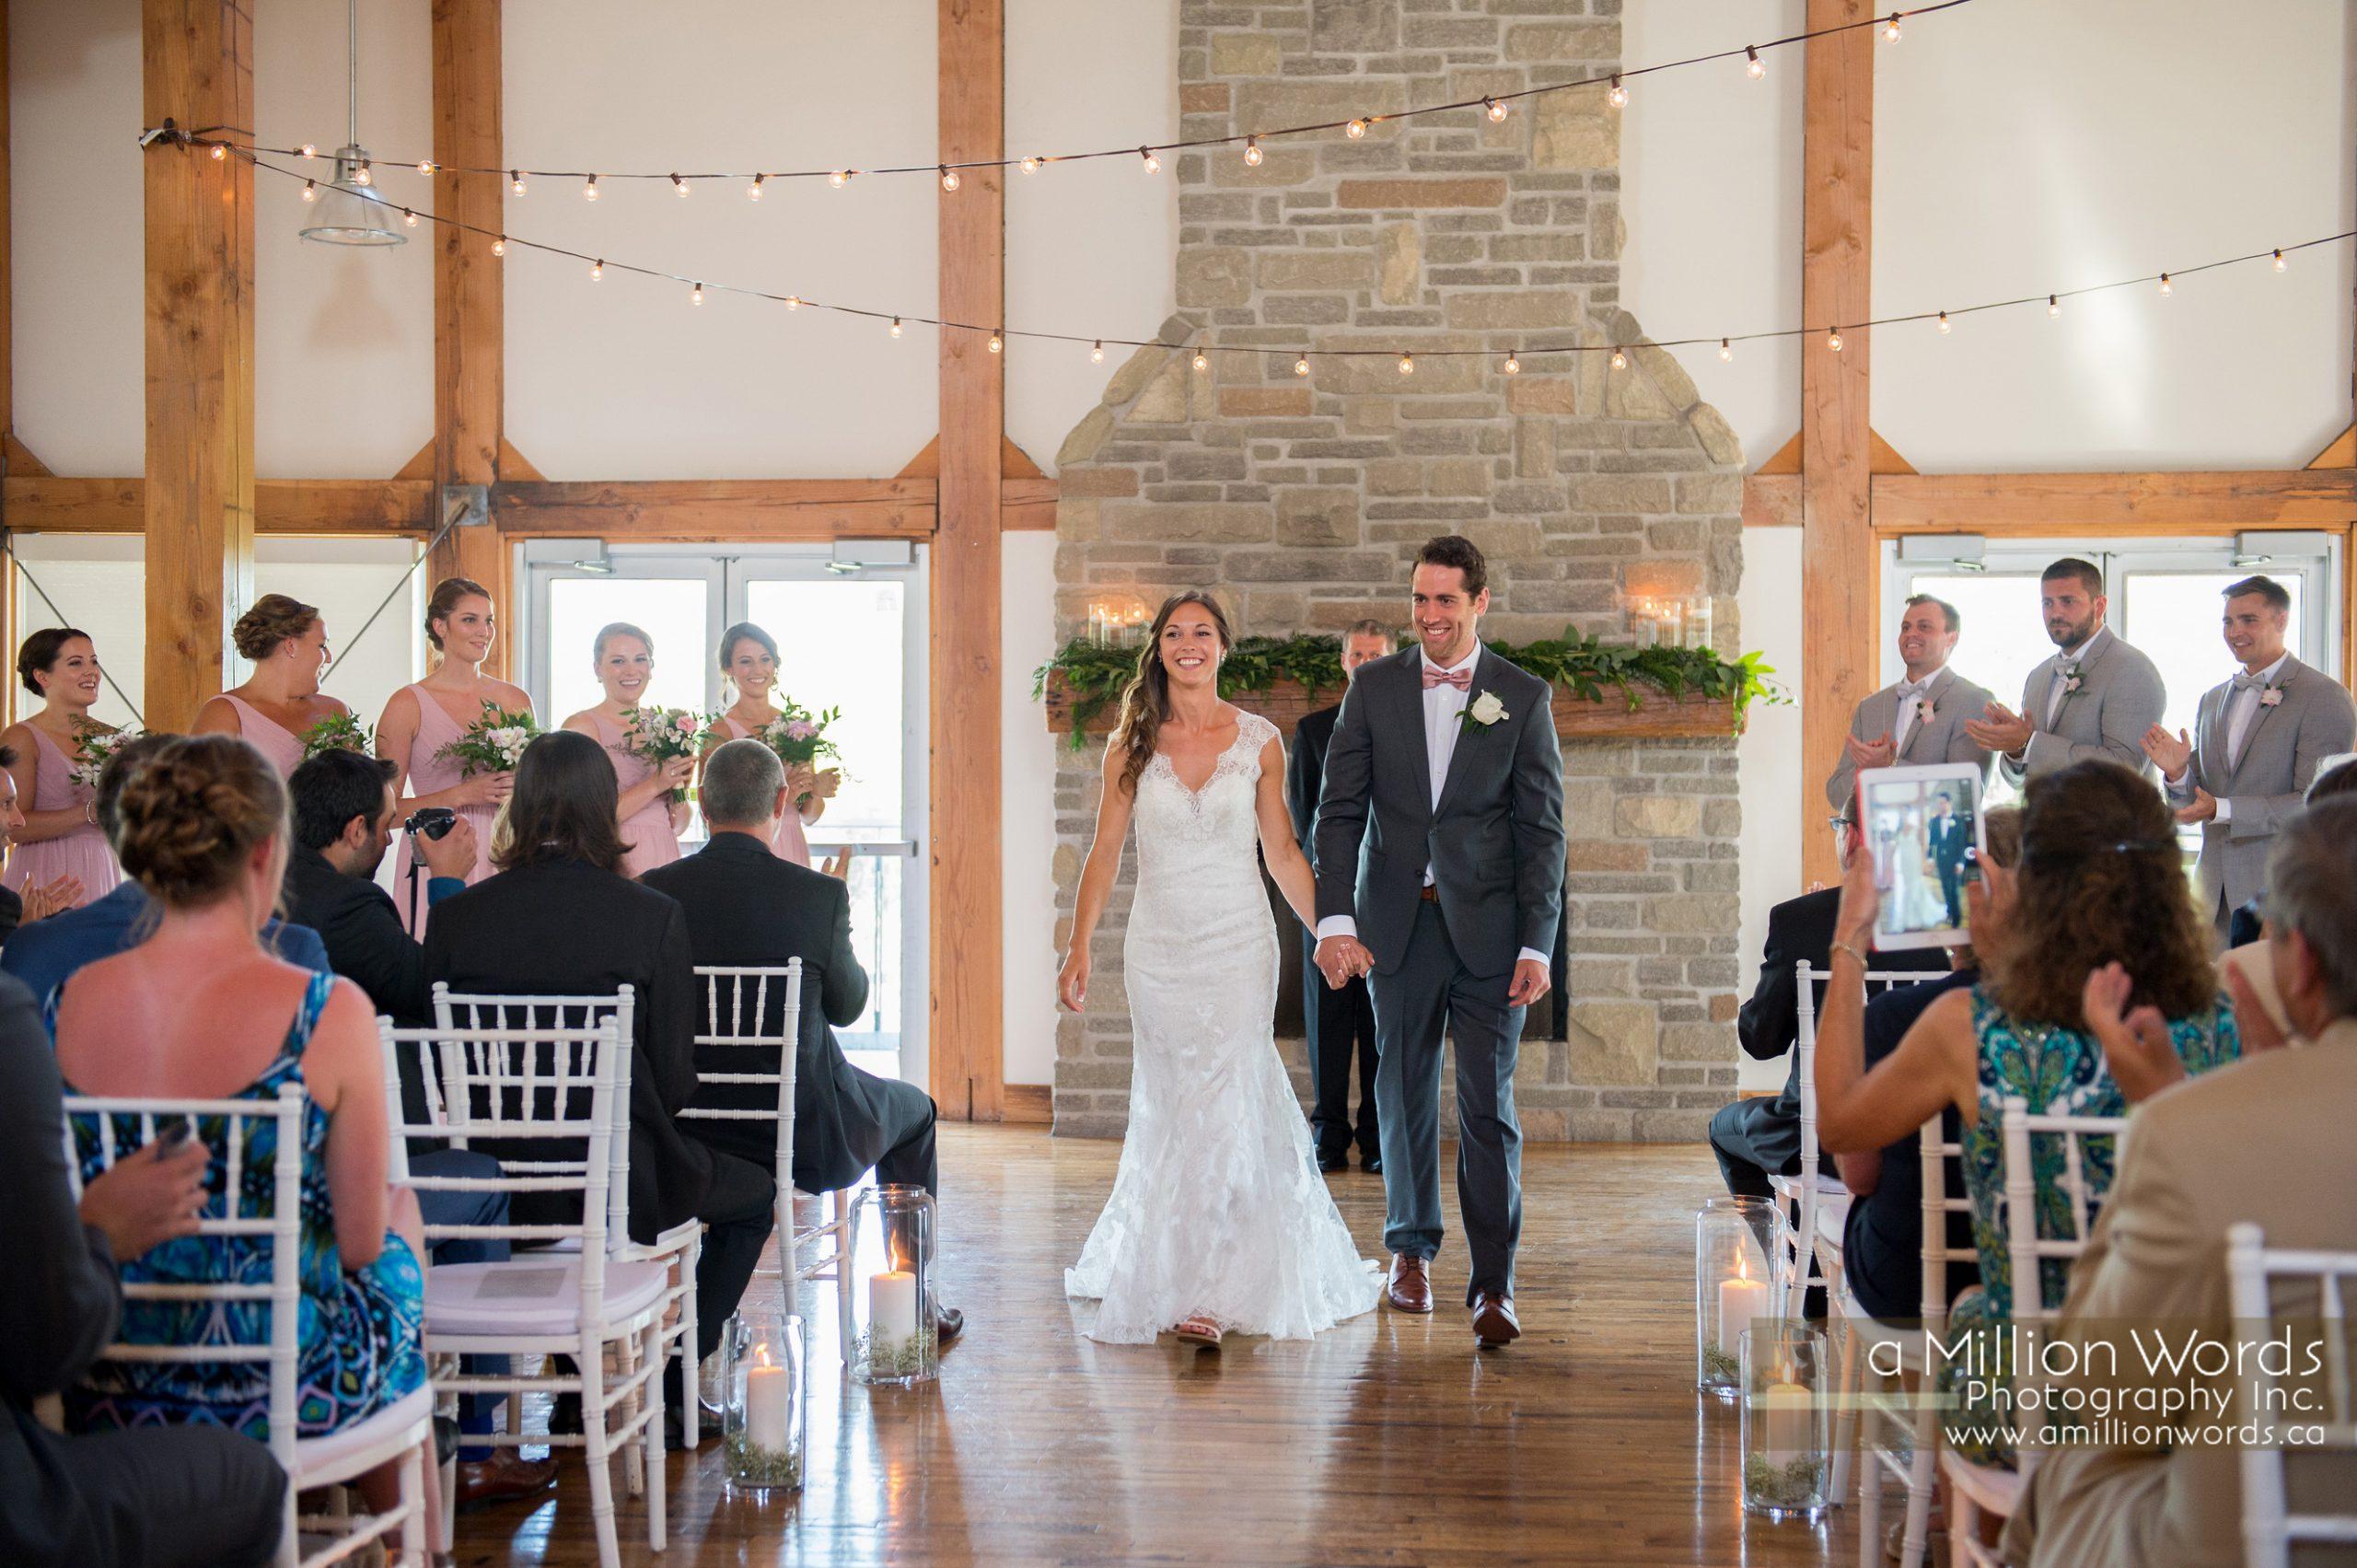 kw_wedding_photography33